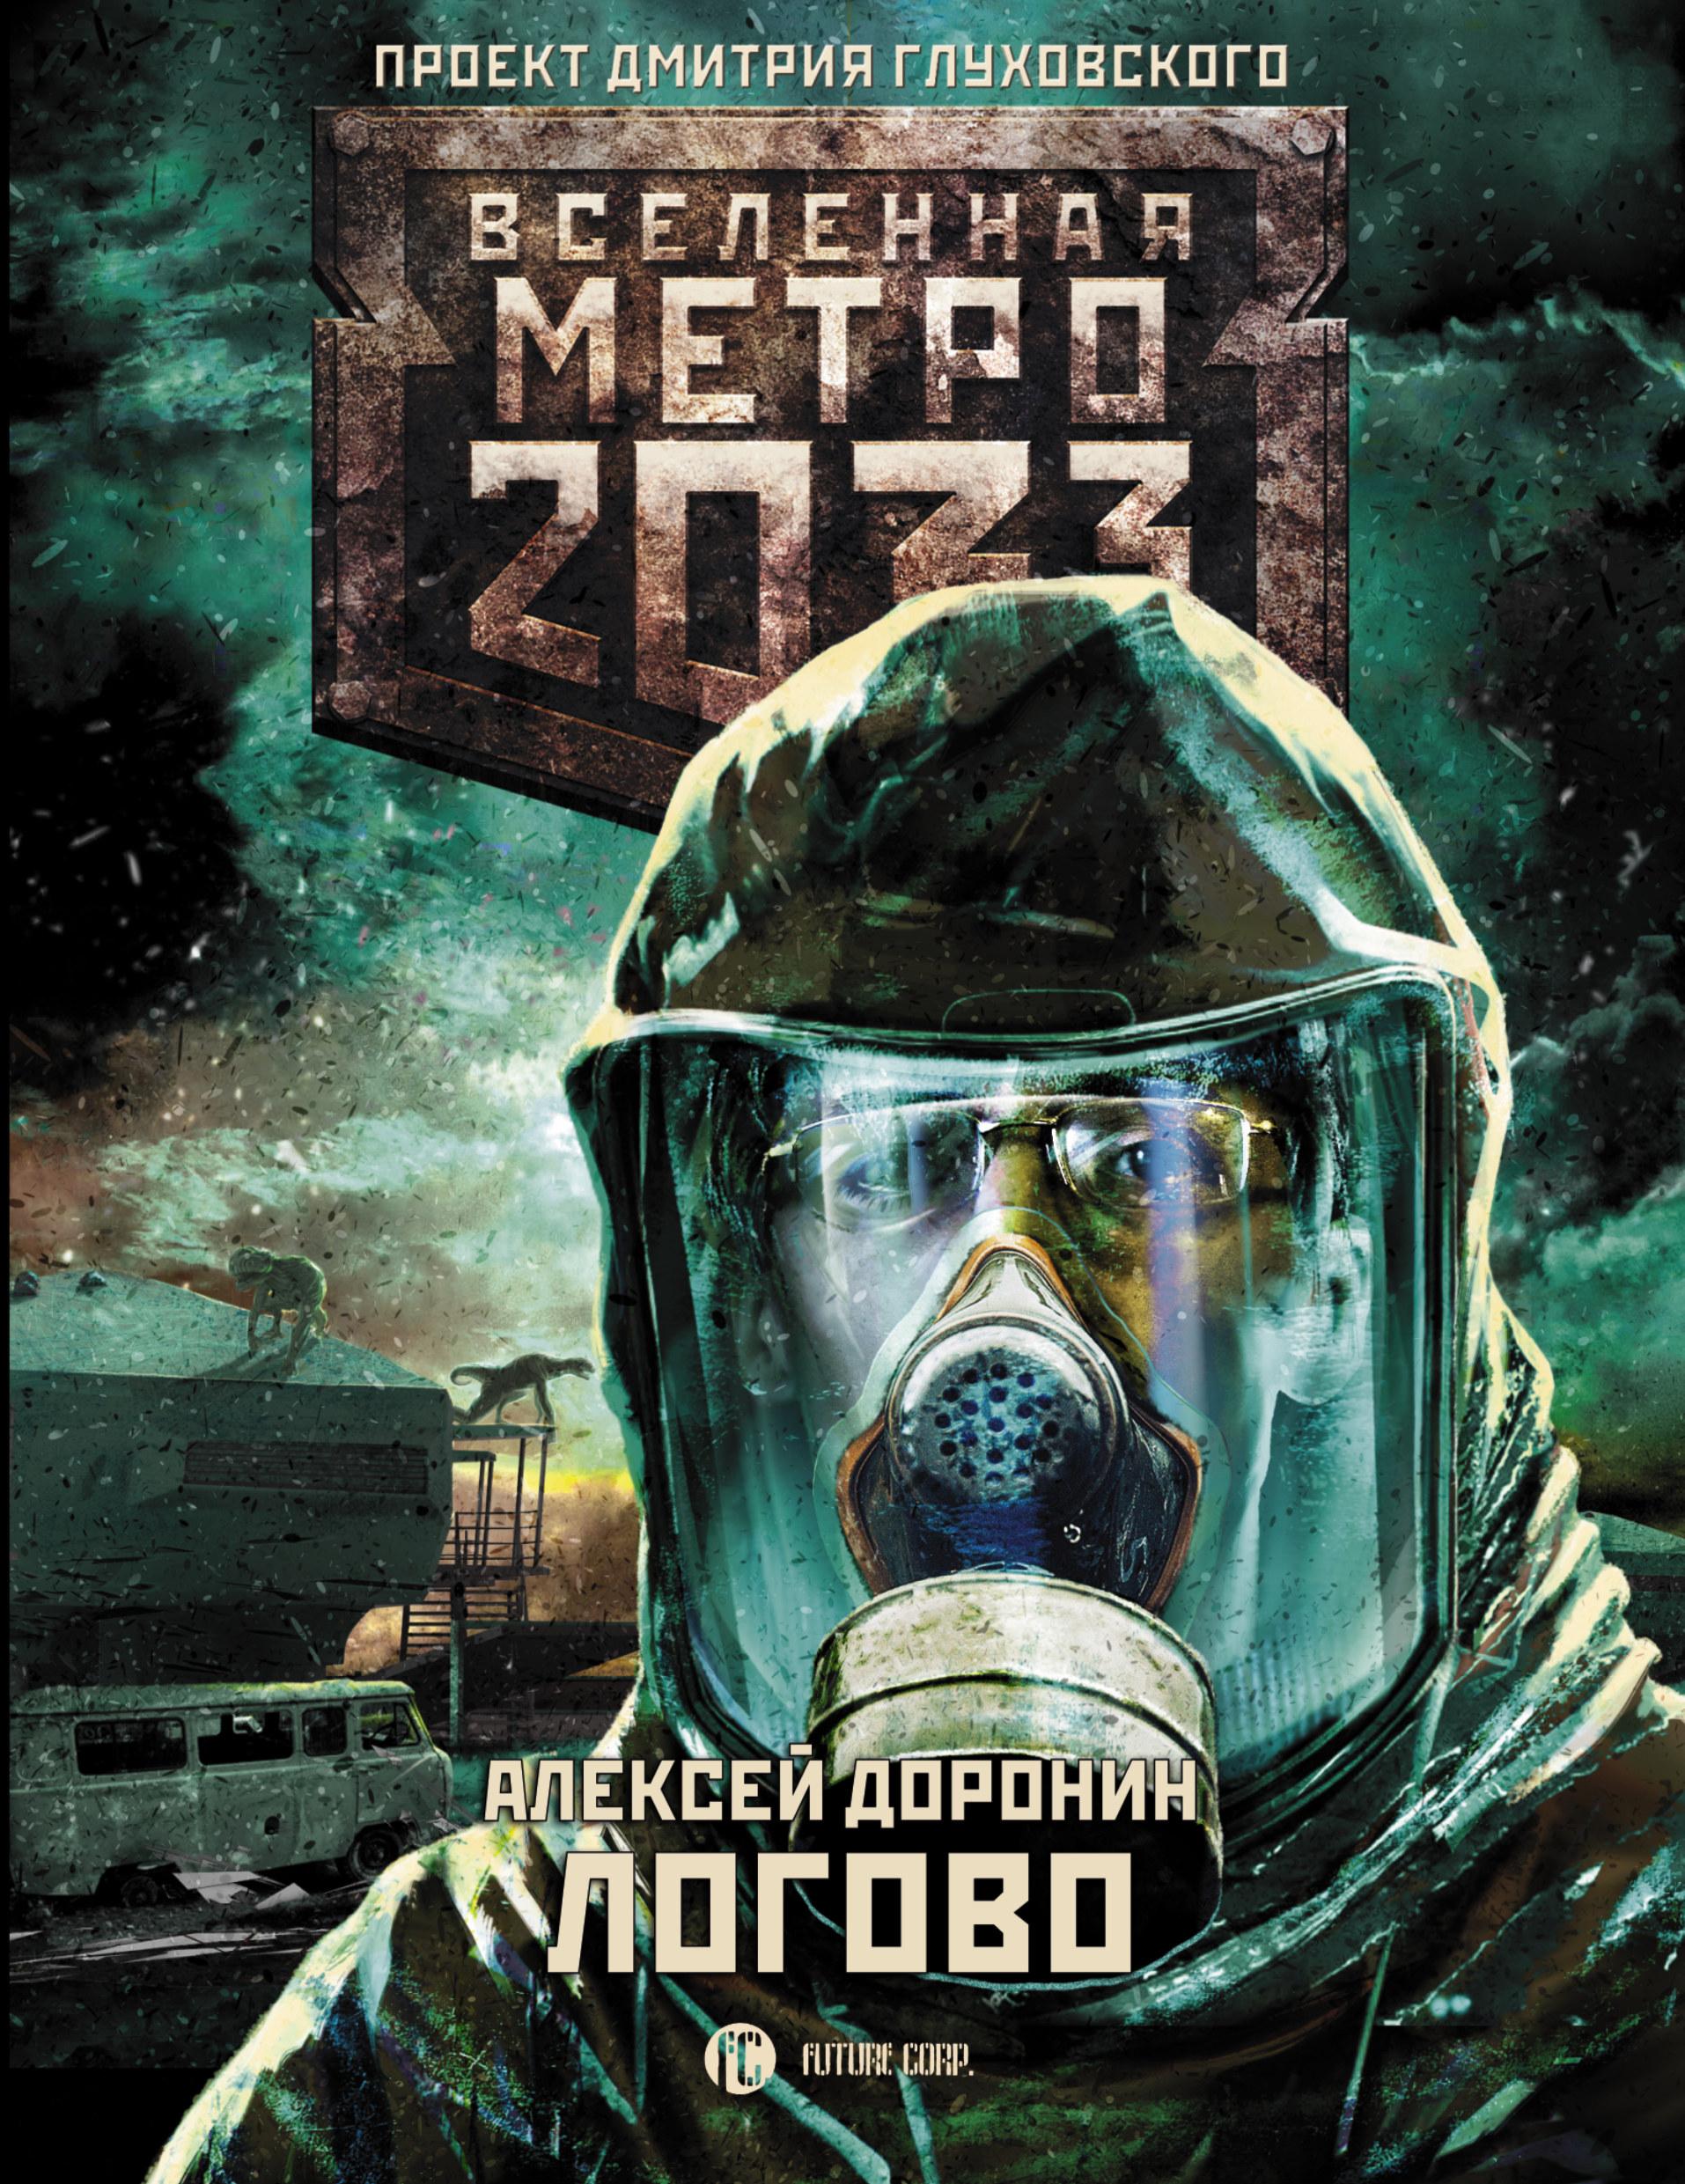 Доронин А.А. Метро 2033: Логово метро 2033 право на жизнь